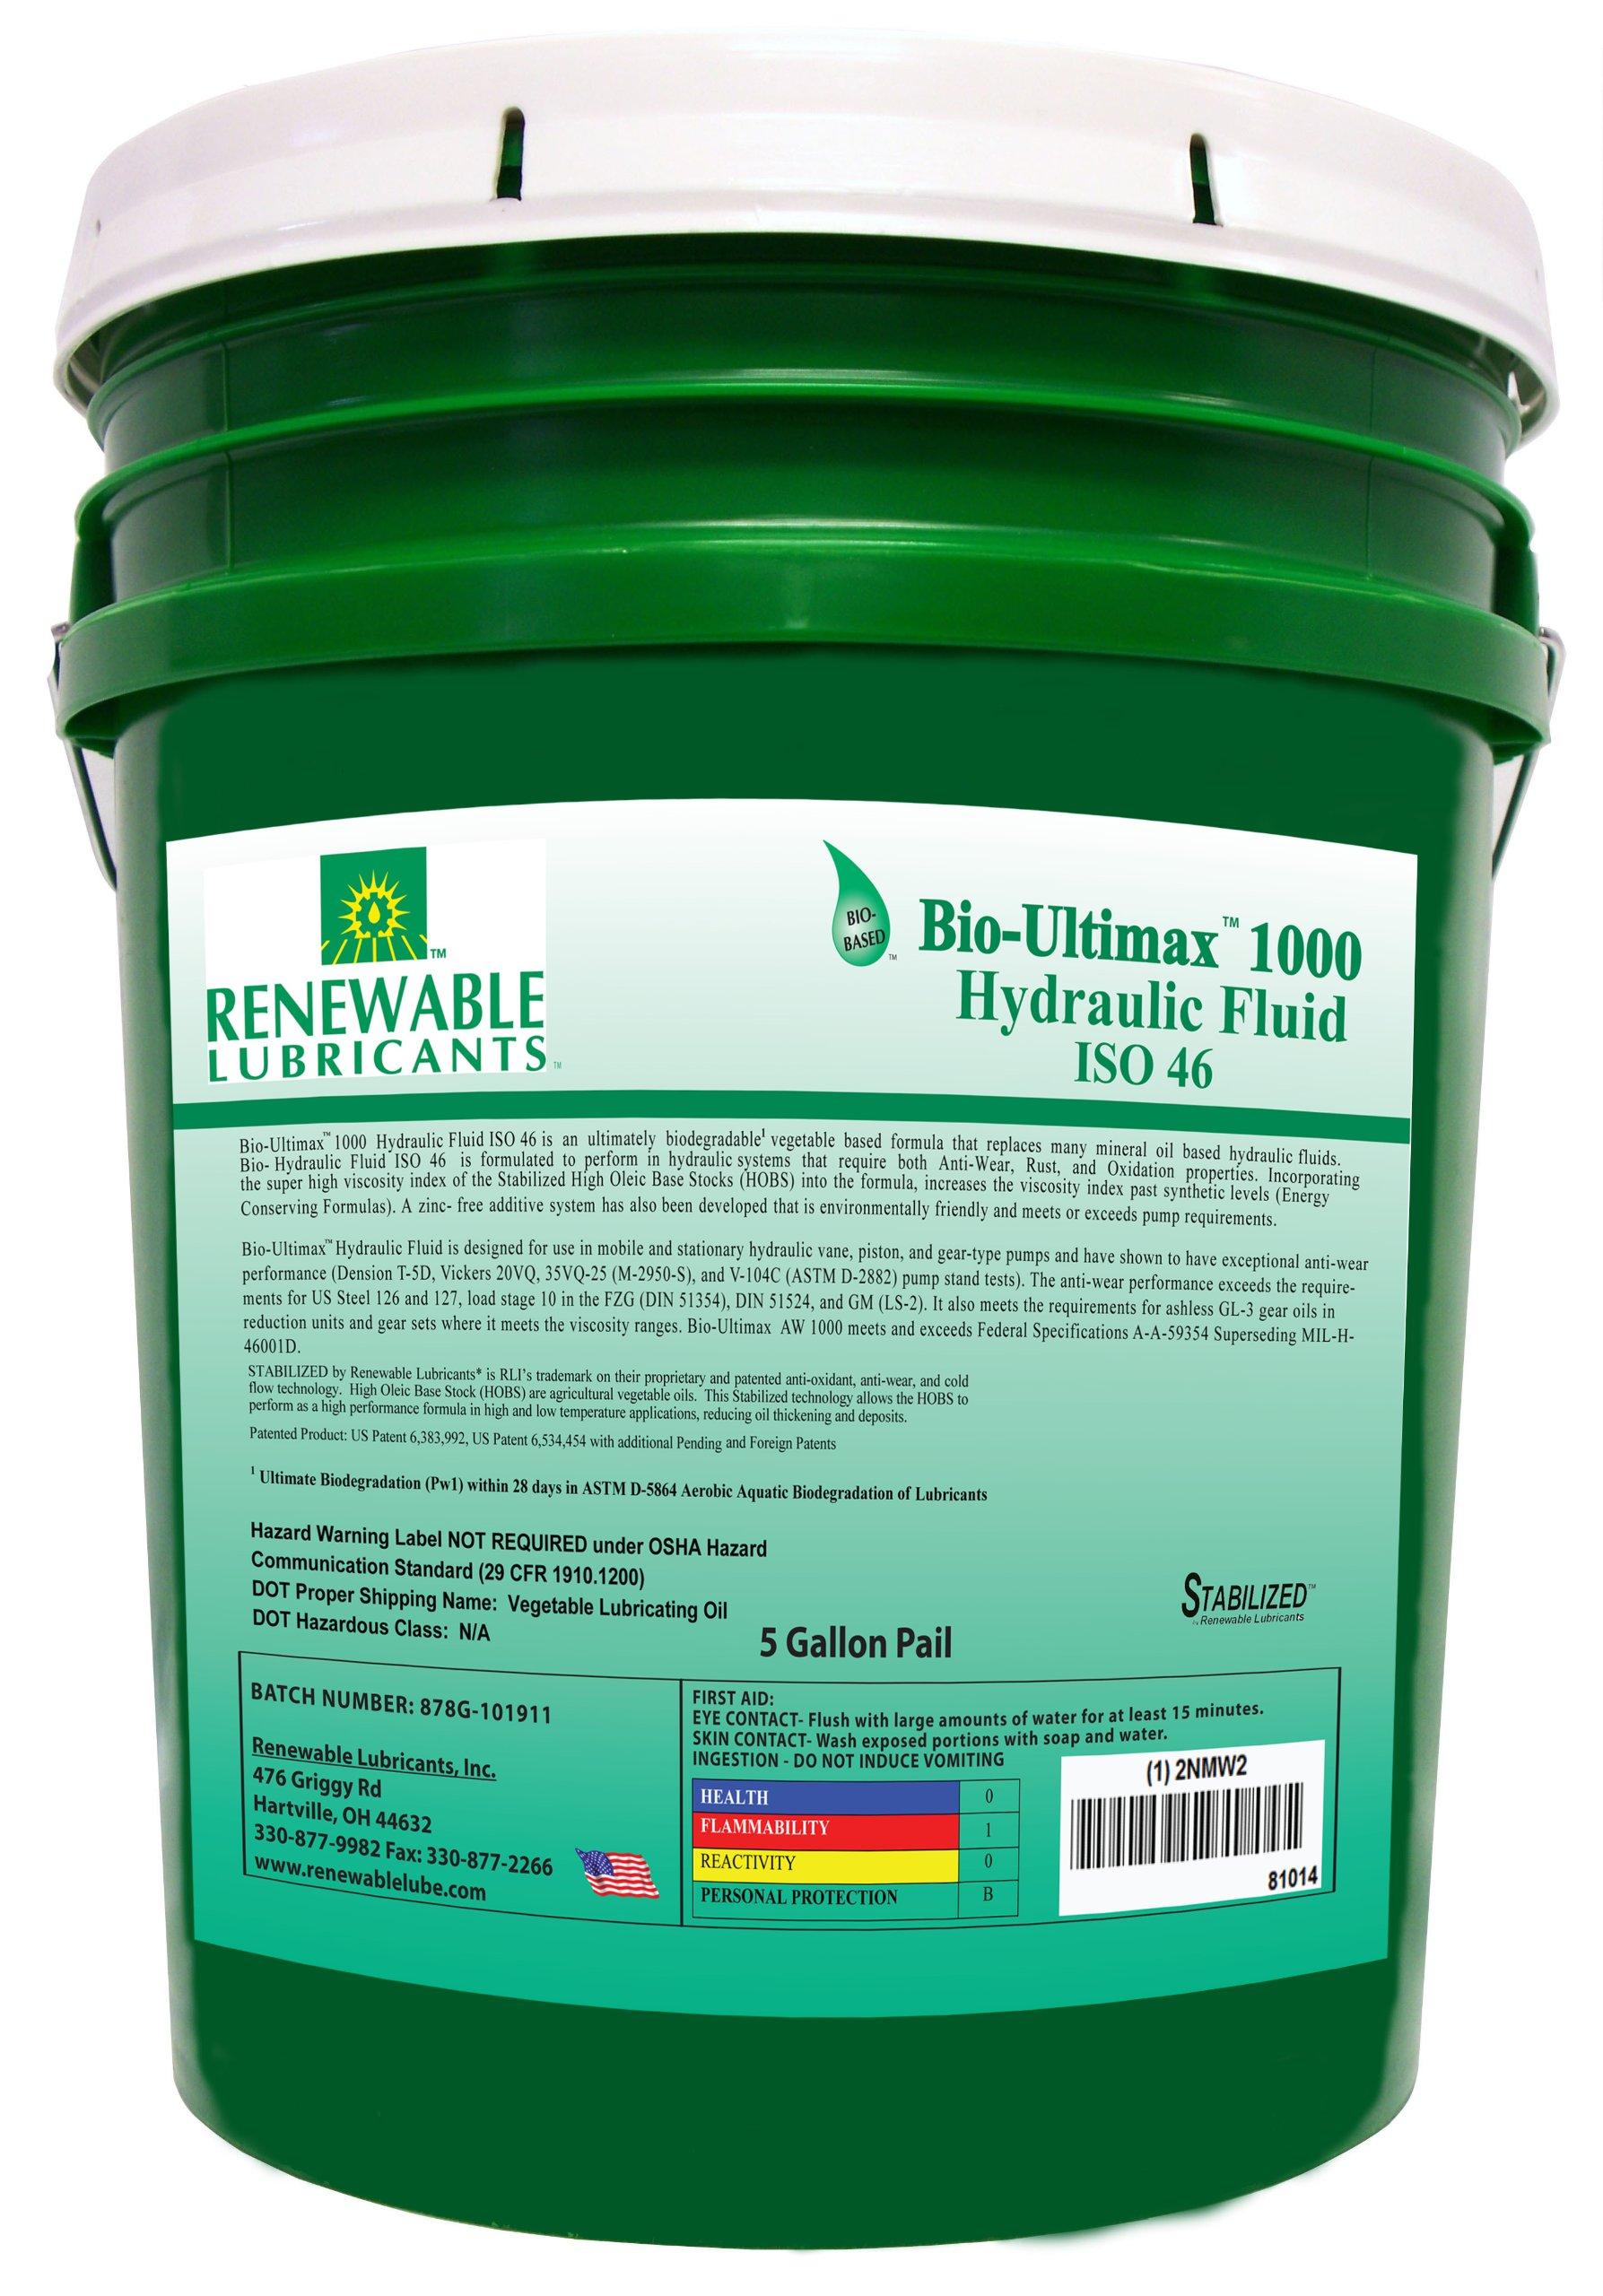 Renewable Lubricants Bio-Ultimax 1000 ISO 46 Hydraulic Lubricant, 5 Gallon Pail by Renewable Lubricants